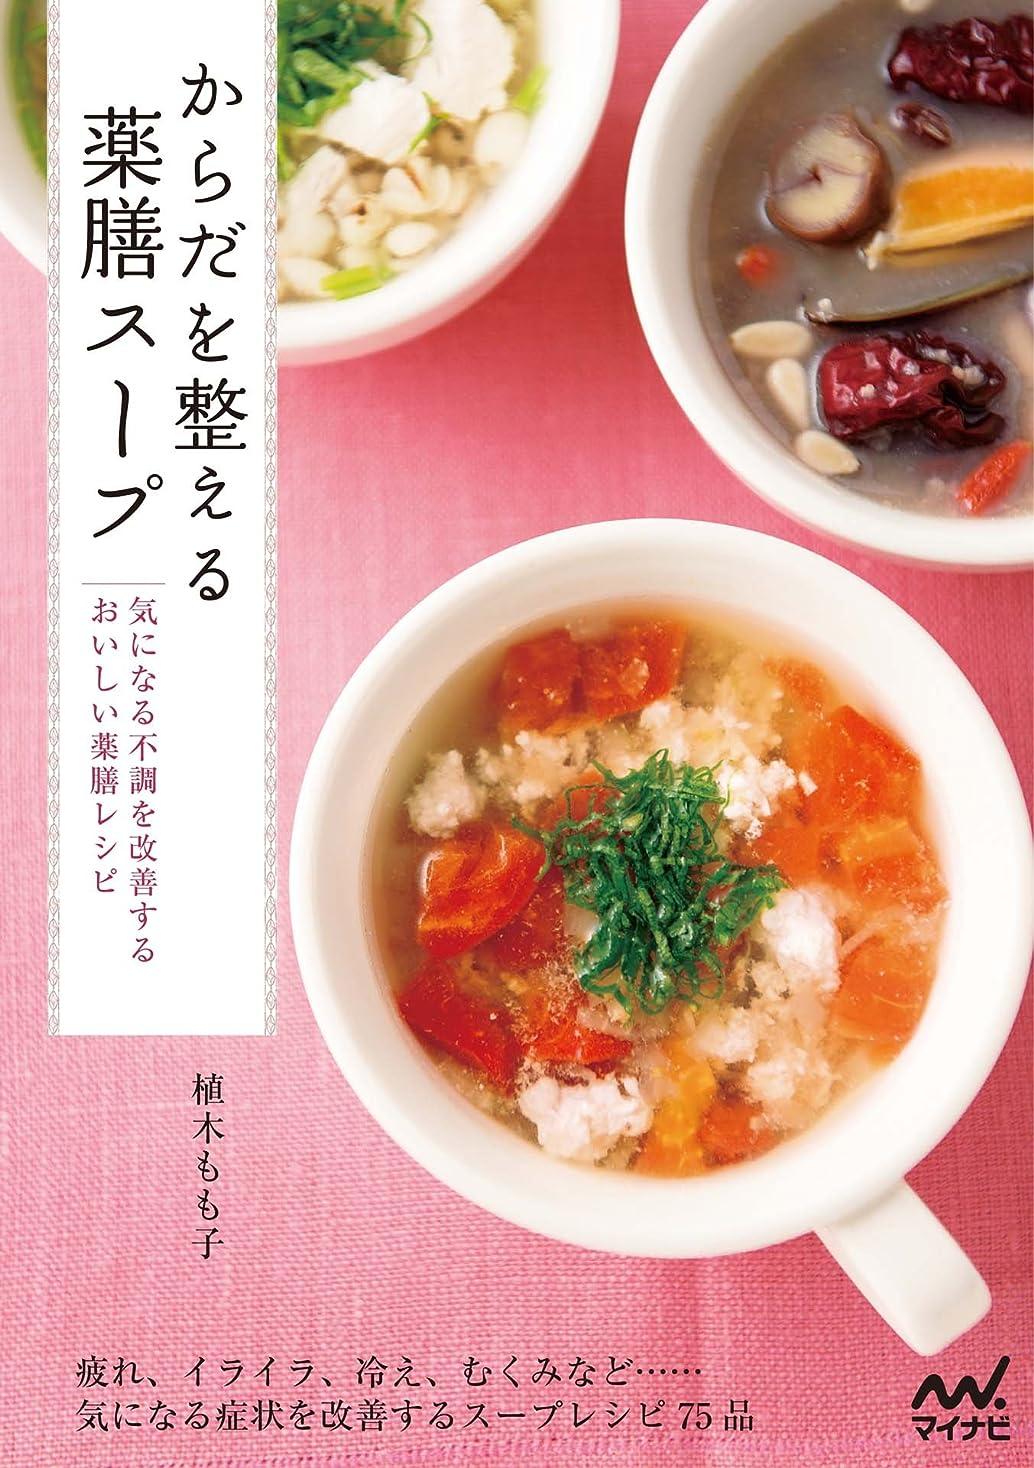 赤面浸漬申請中からだを整える薬膳スープ 気になる不調を改善するおいしい薬膳レシピ